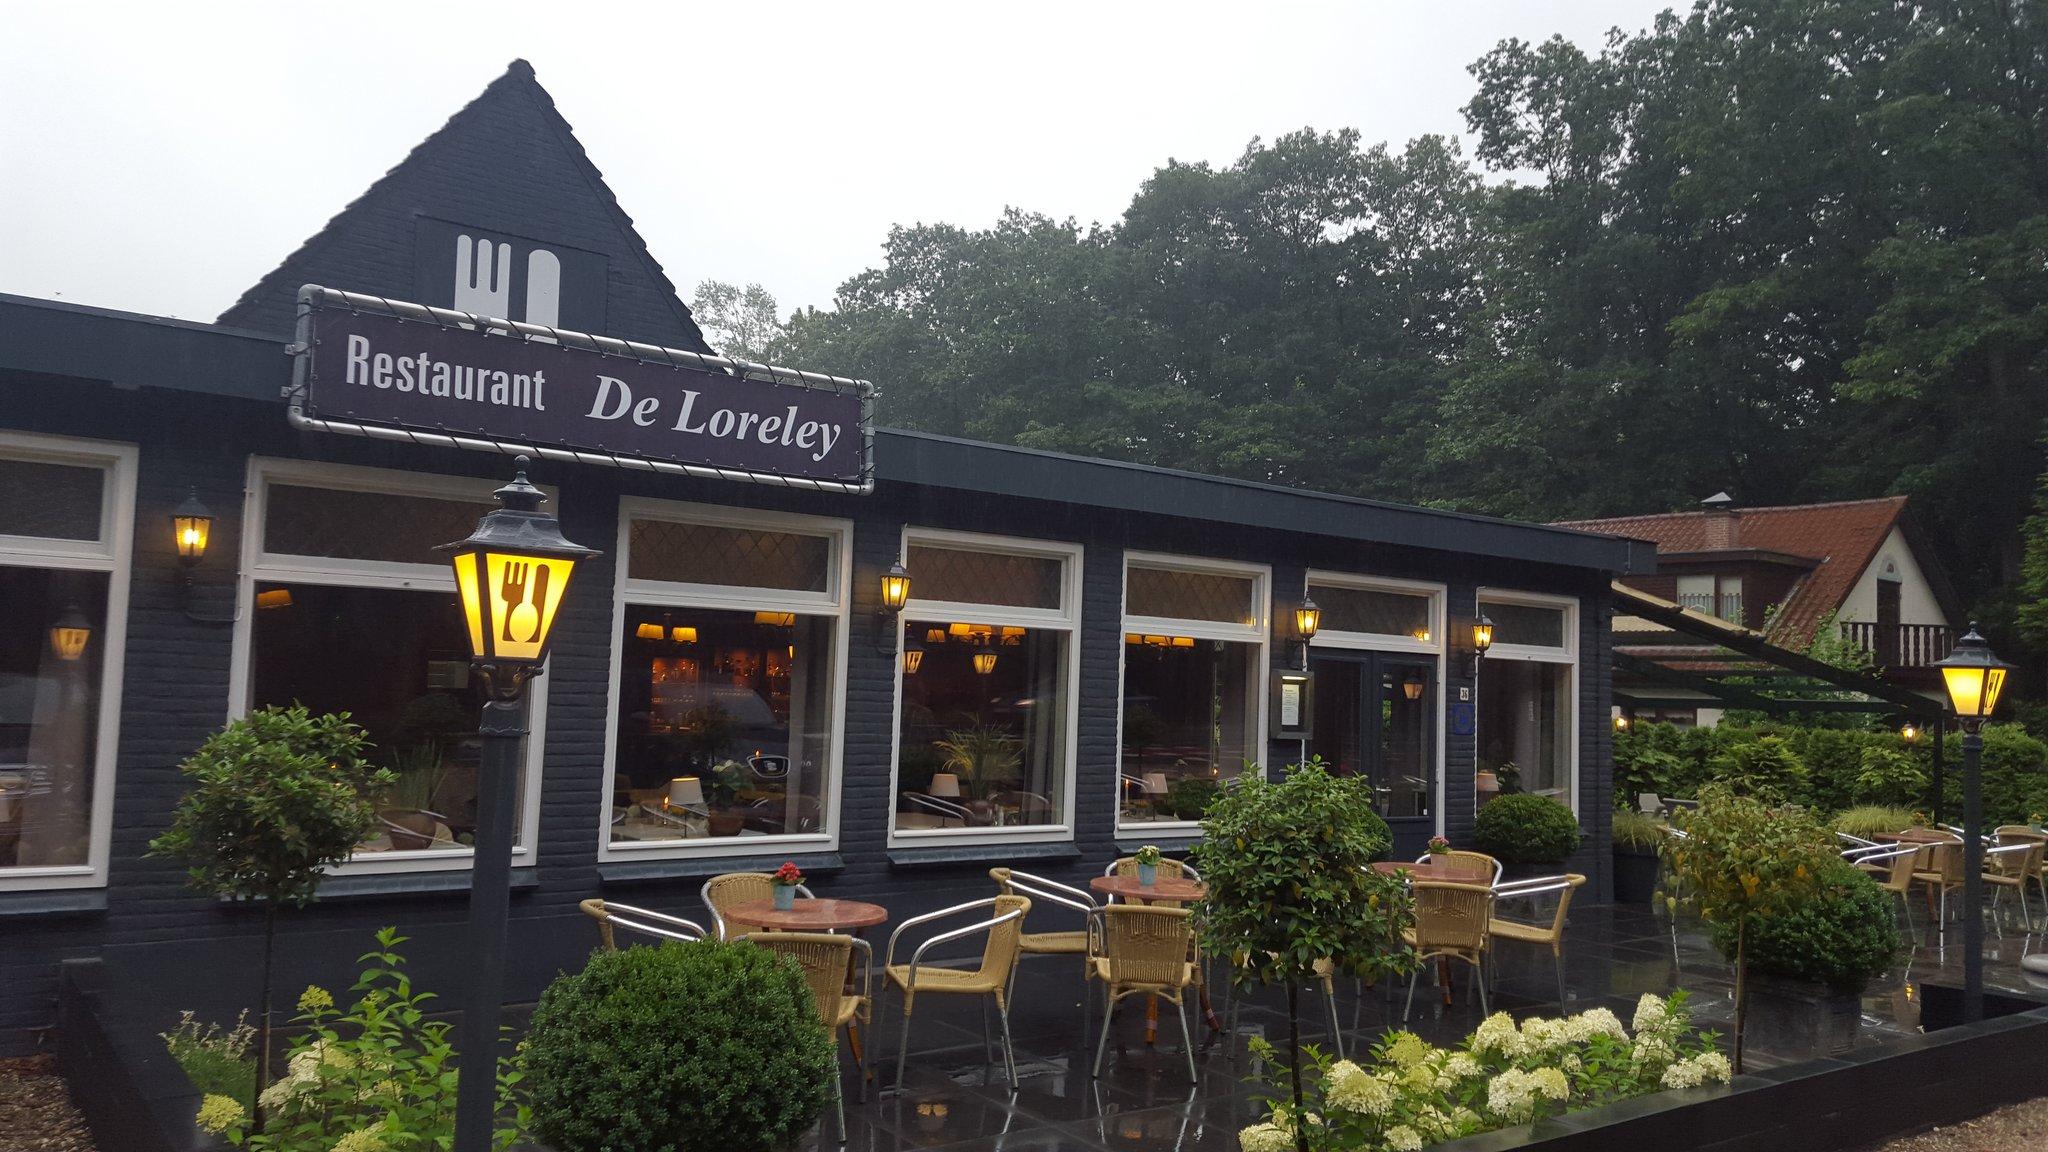 Restaurant De Loreley